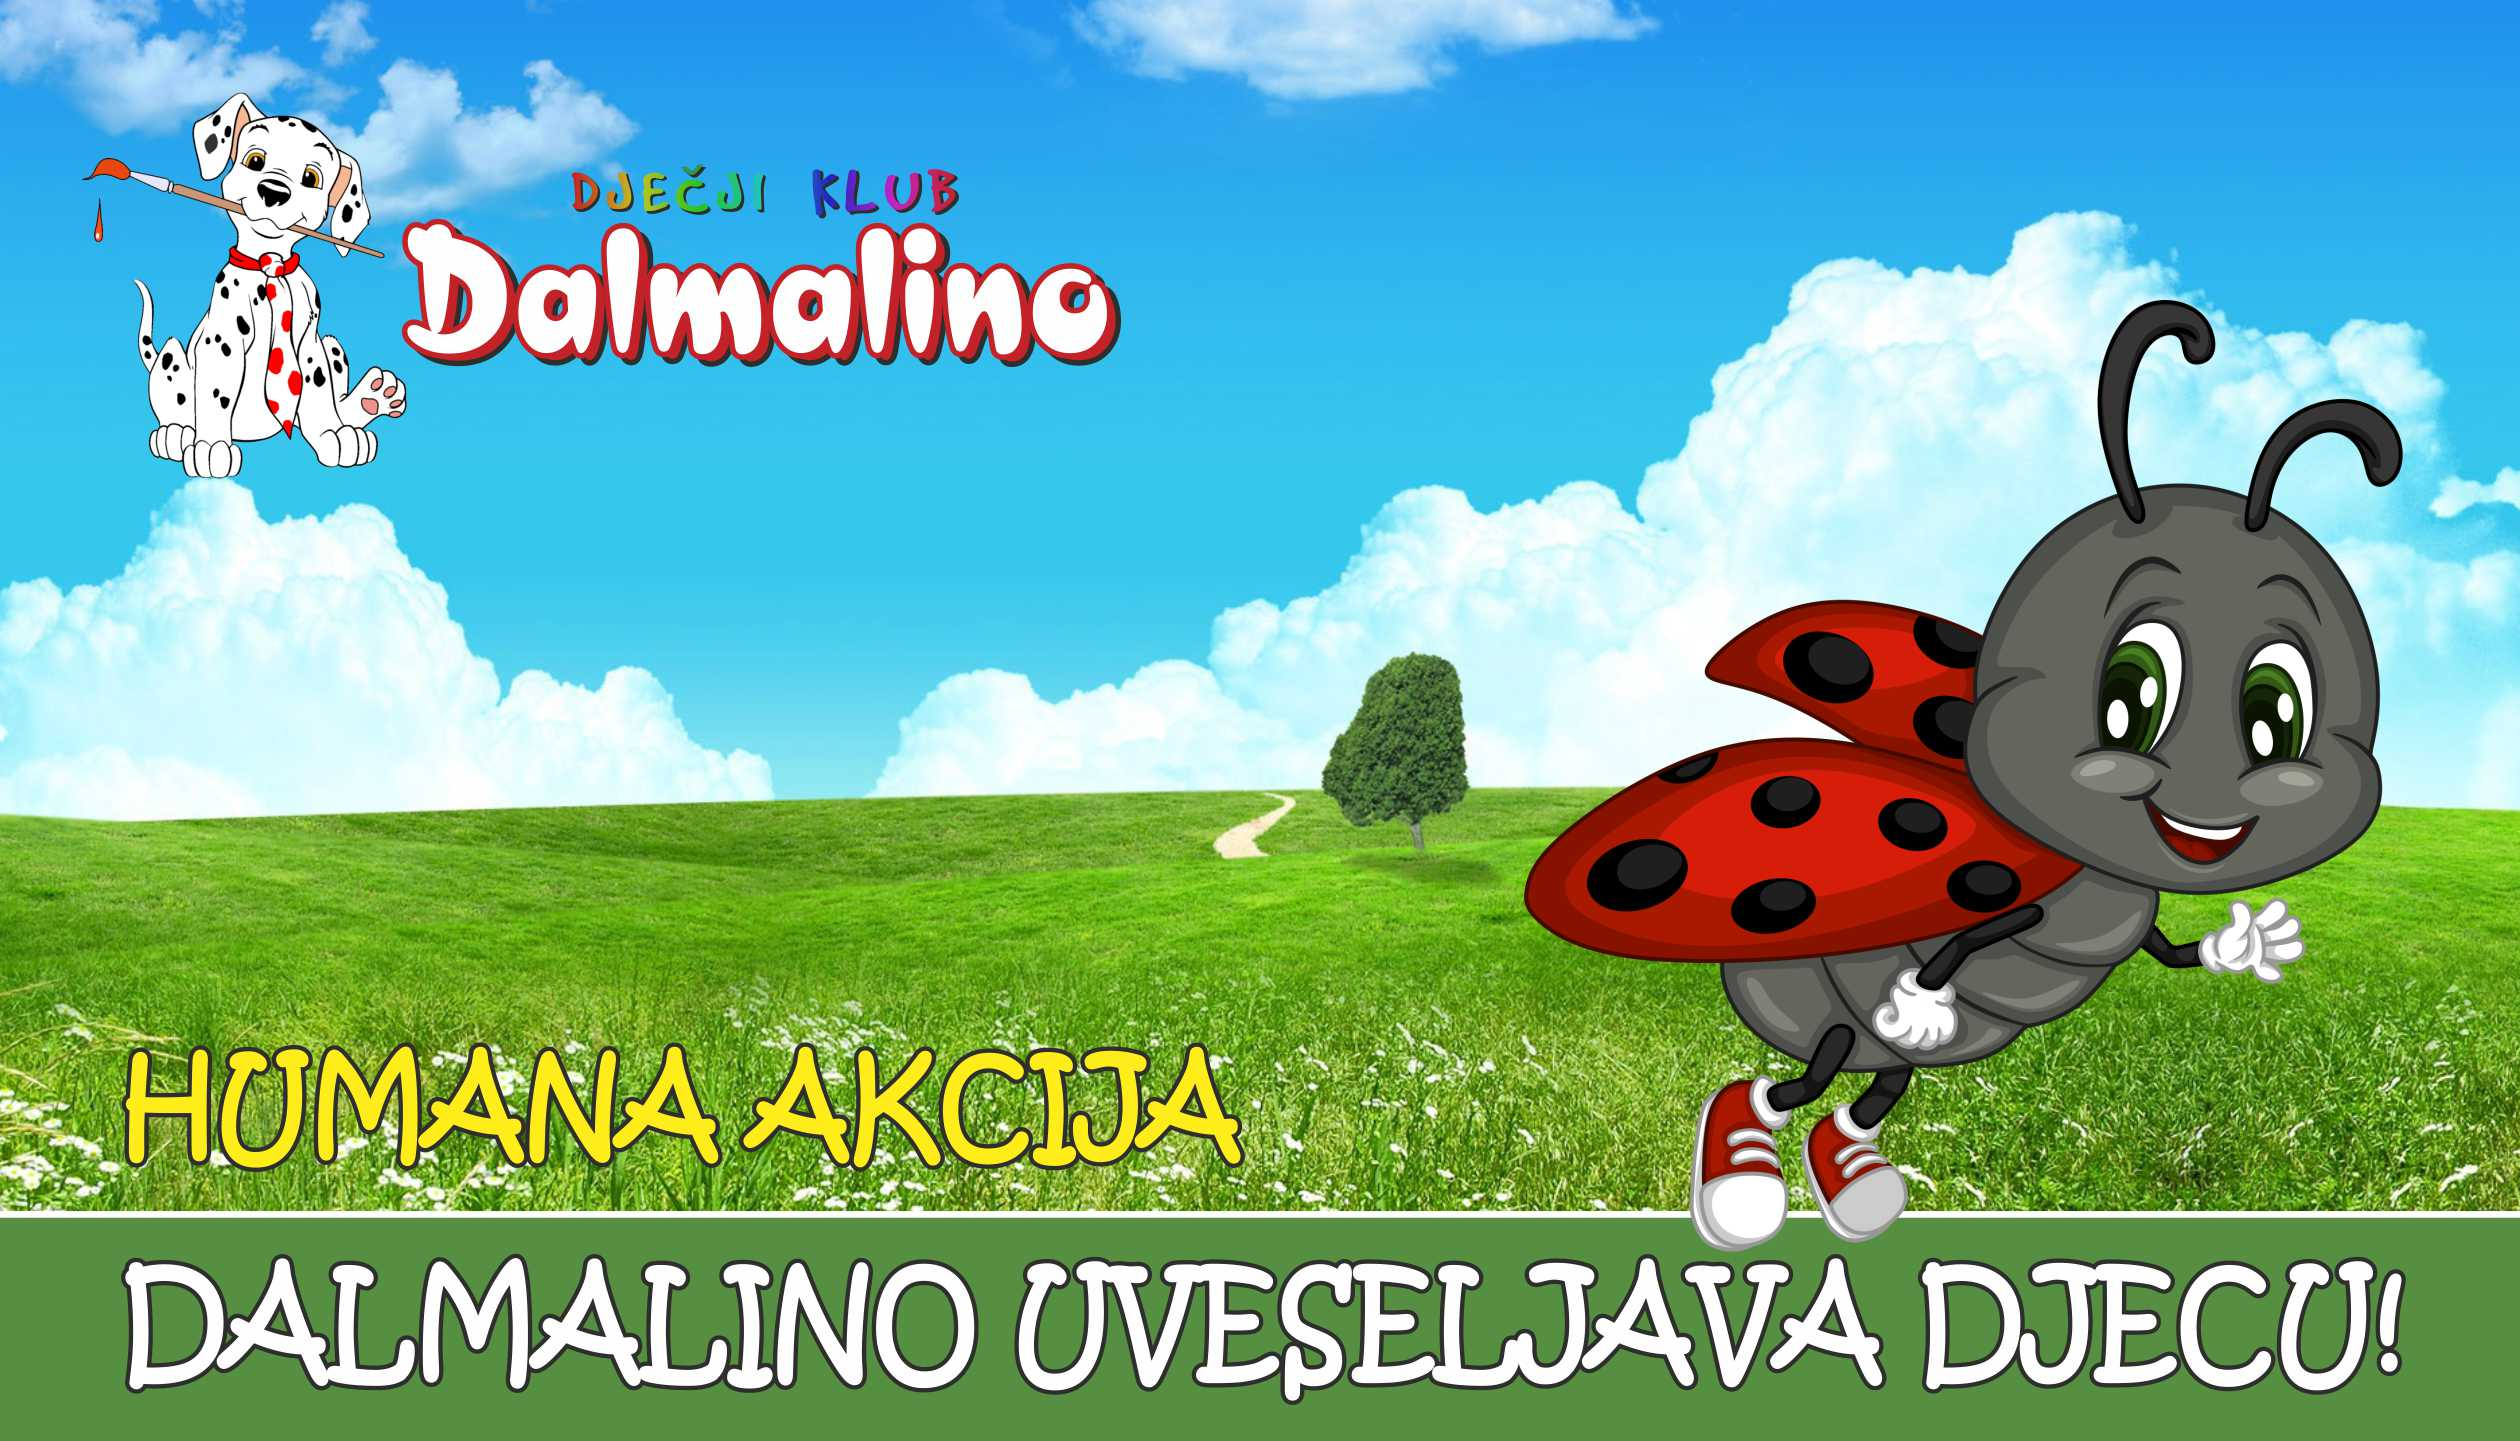 """Humana akcija DALMALINO UVESELJAVA DJECU! S veseljem dijelimo s Vama informaciju da će se 1. Humana akcija """" DALMALINO UVESELJAVA DJECU!"""", koju organizira Dječji klub Dalmalino održati u OB - PULA na Odjelu za pedijatriju 13. lipnja ( utorak ) 2017.g. s početkom u 14,00 sati."""